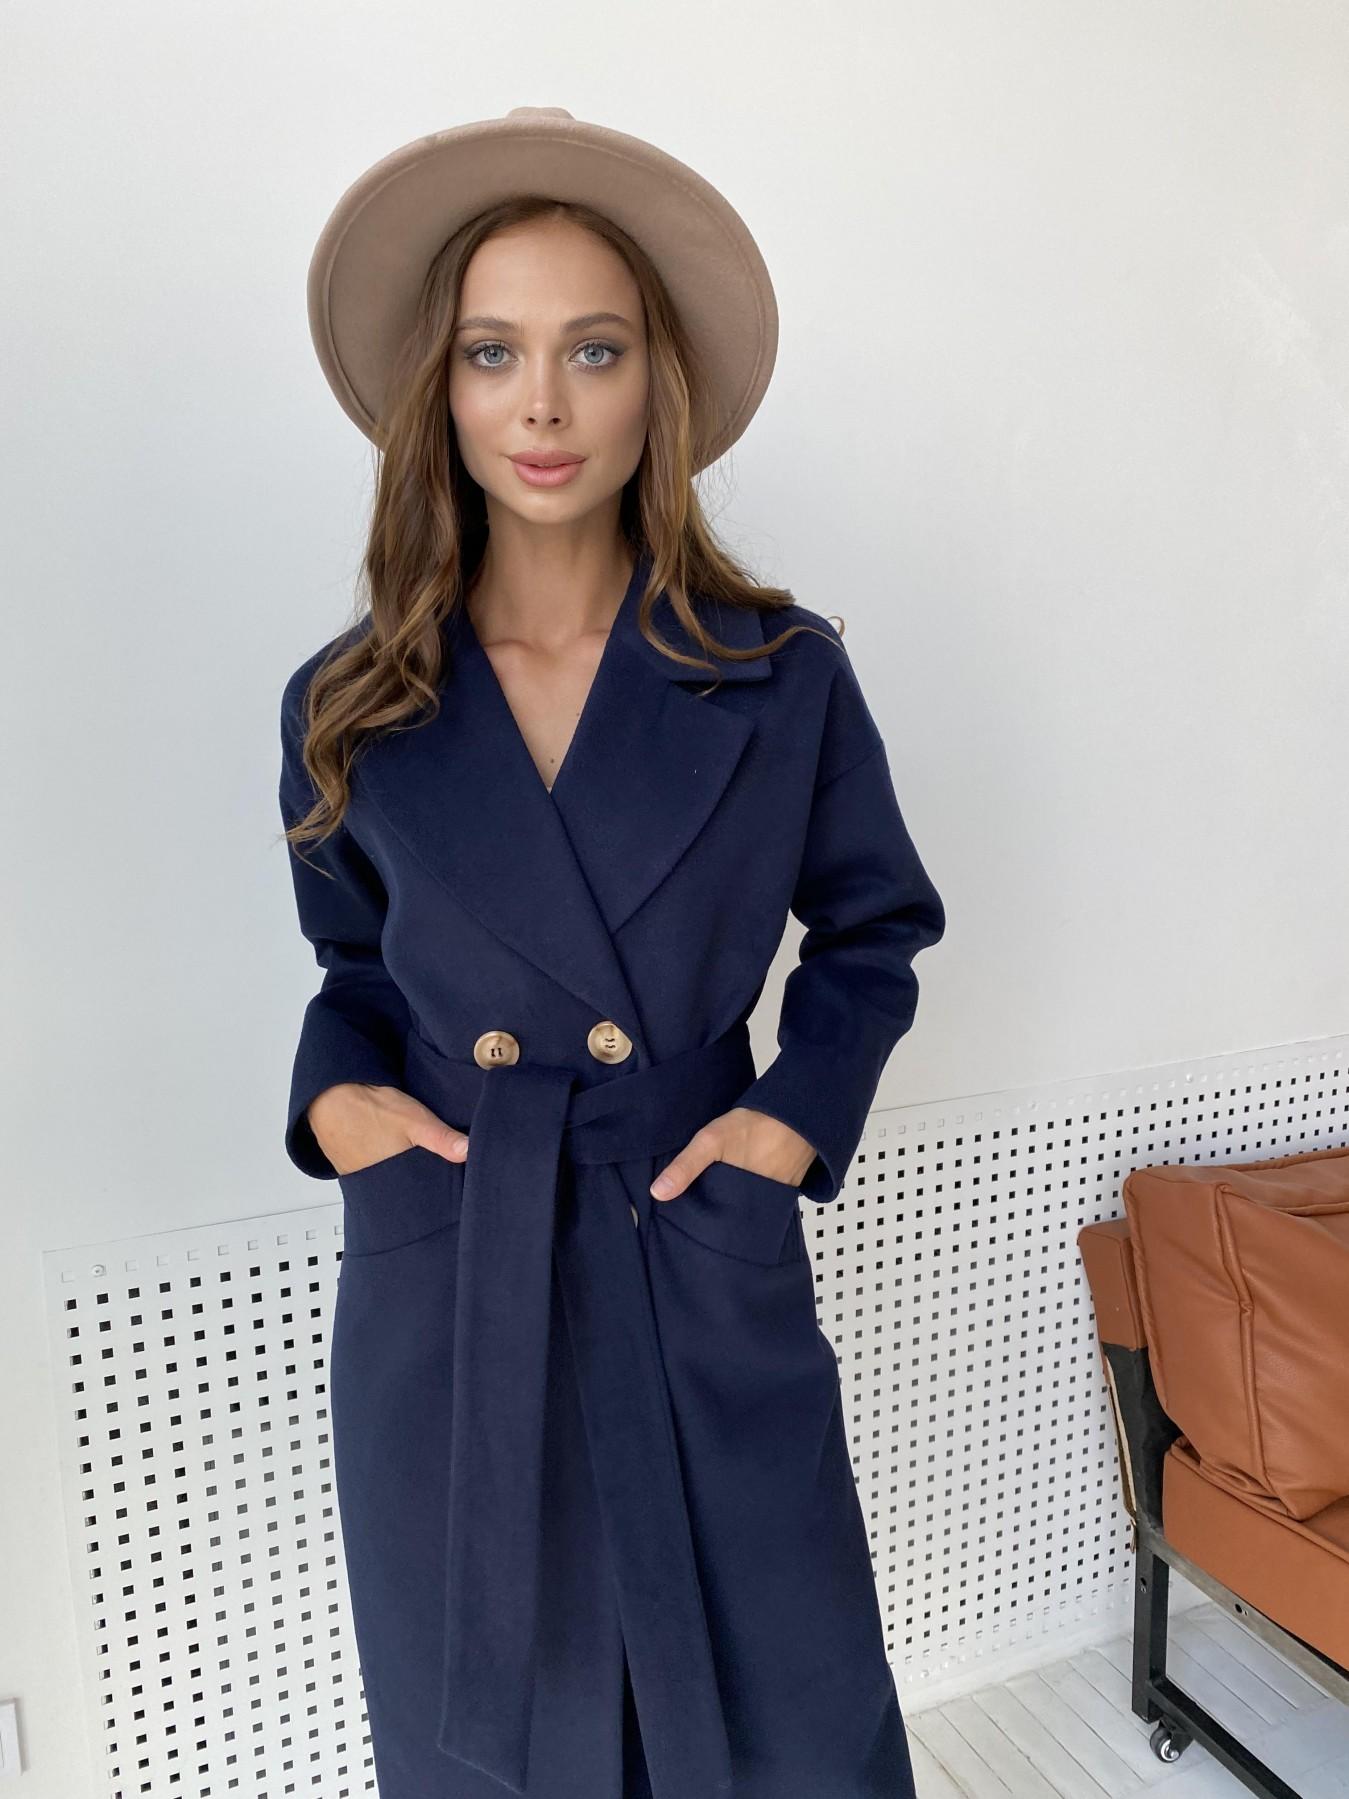 Сенсей пальто макси из кашемира   10309 АРТ. 48360 Цвет: Т.синий - фото 5, интернет магазин tm-modus.ru